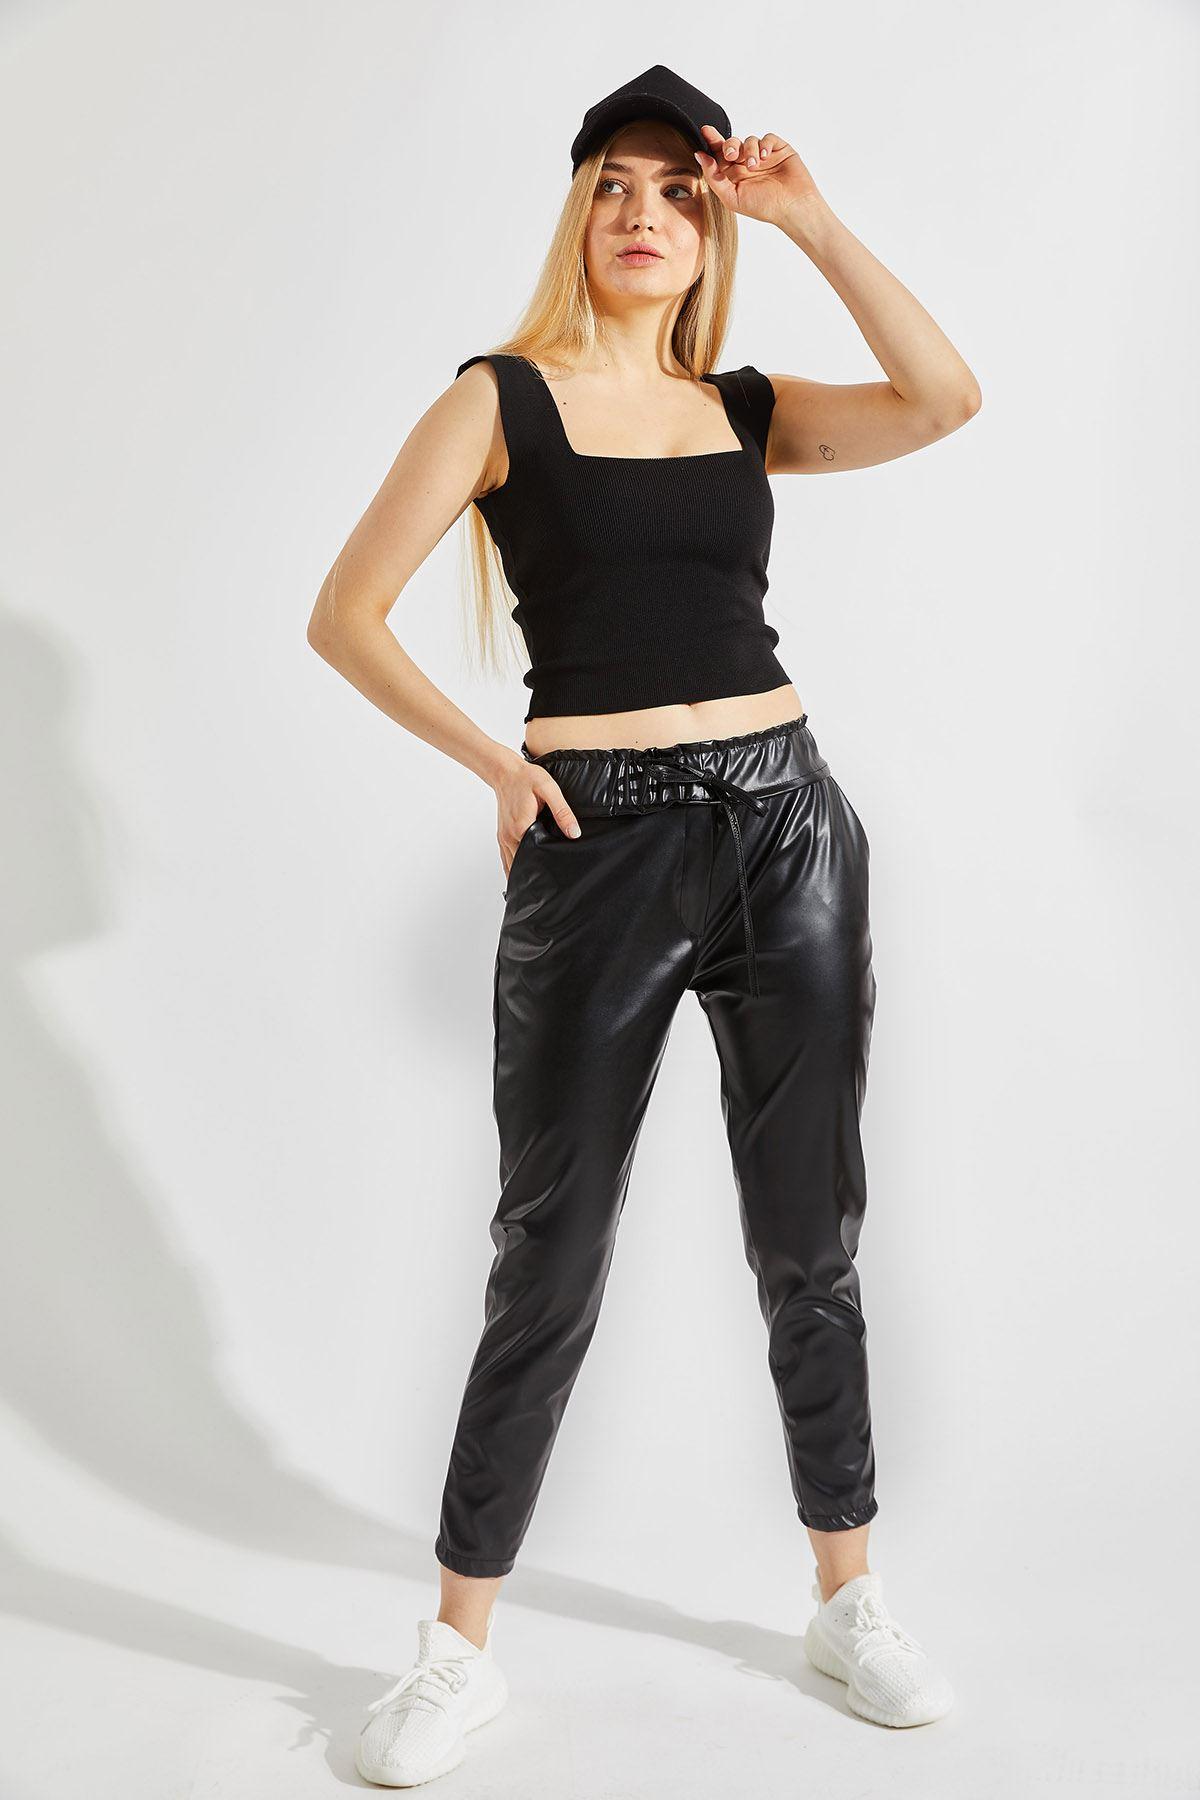 Kadın Bel ve Paça Lastikli Siyah Deri Pantolon